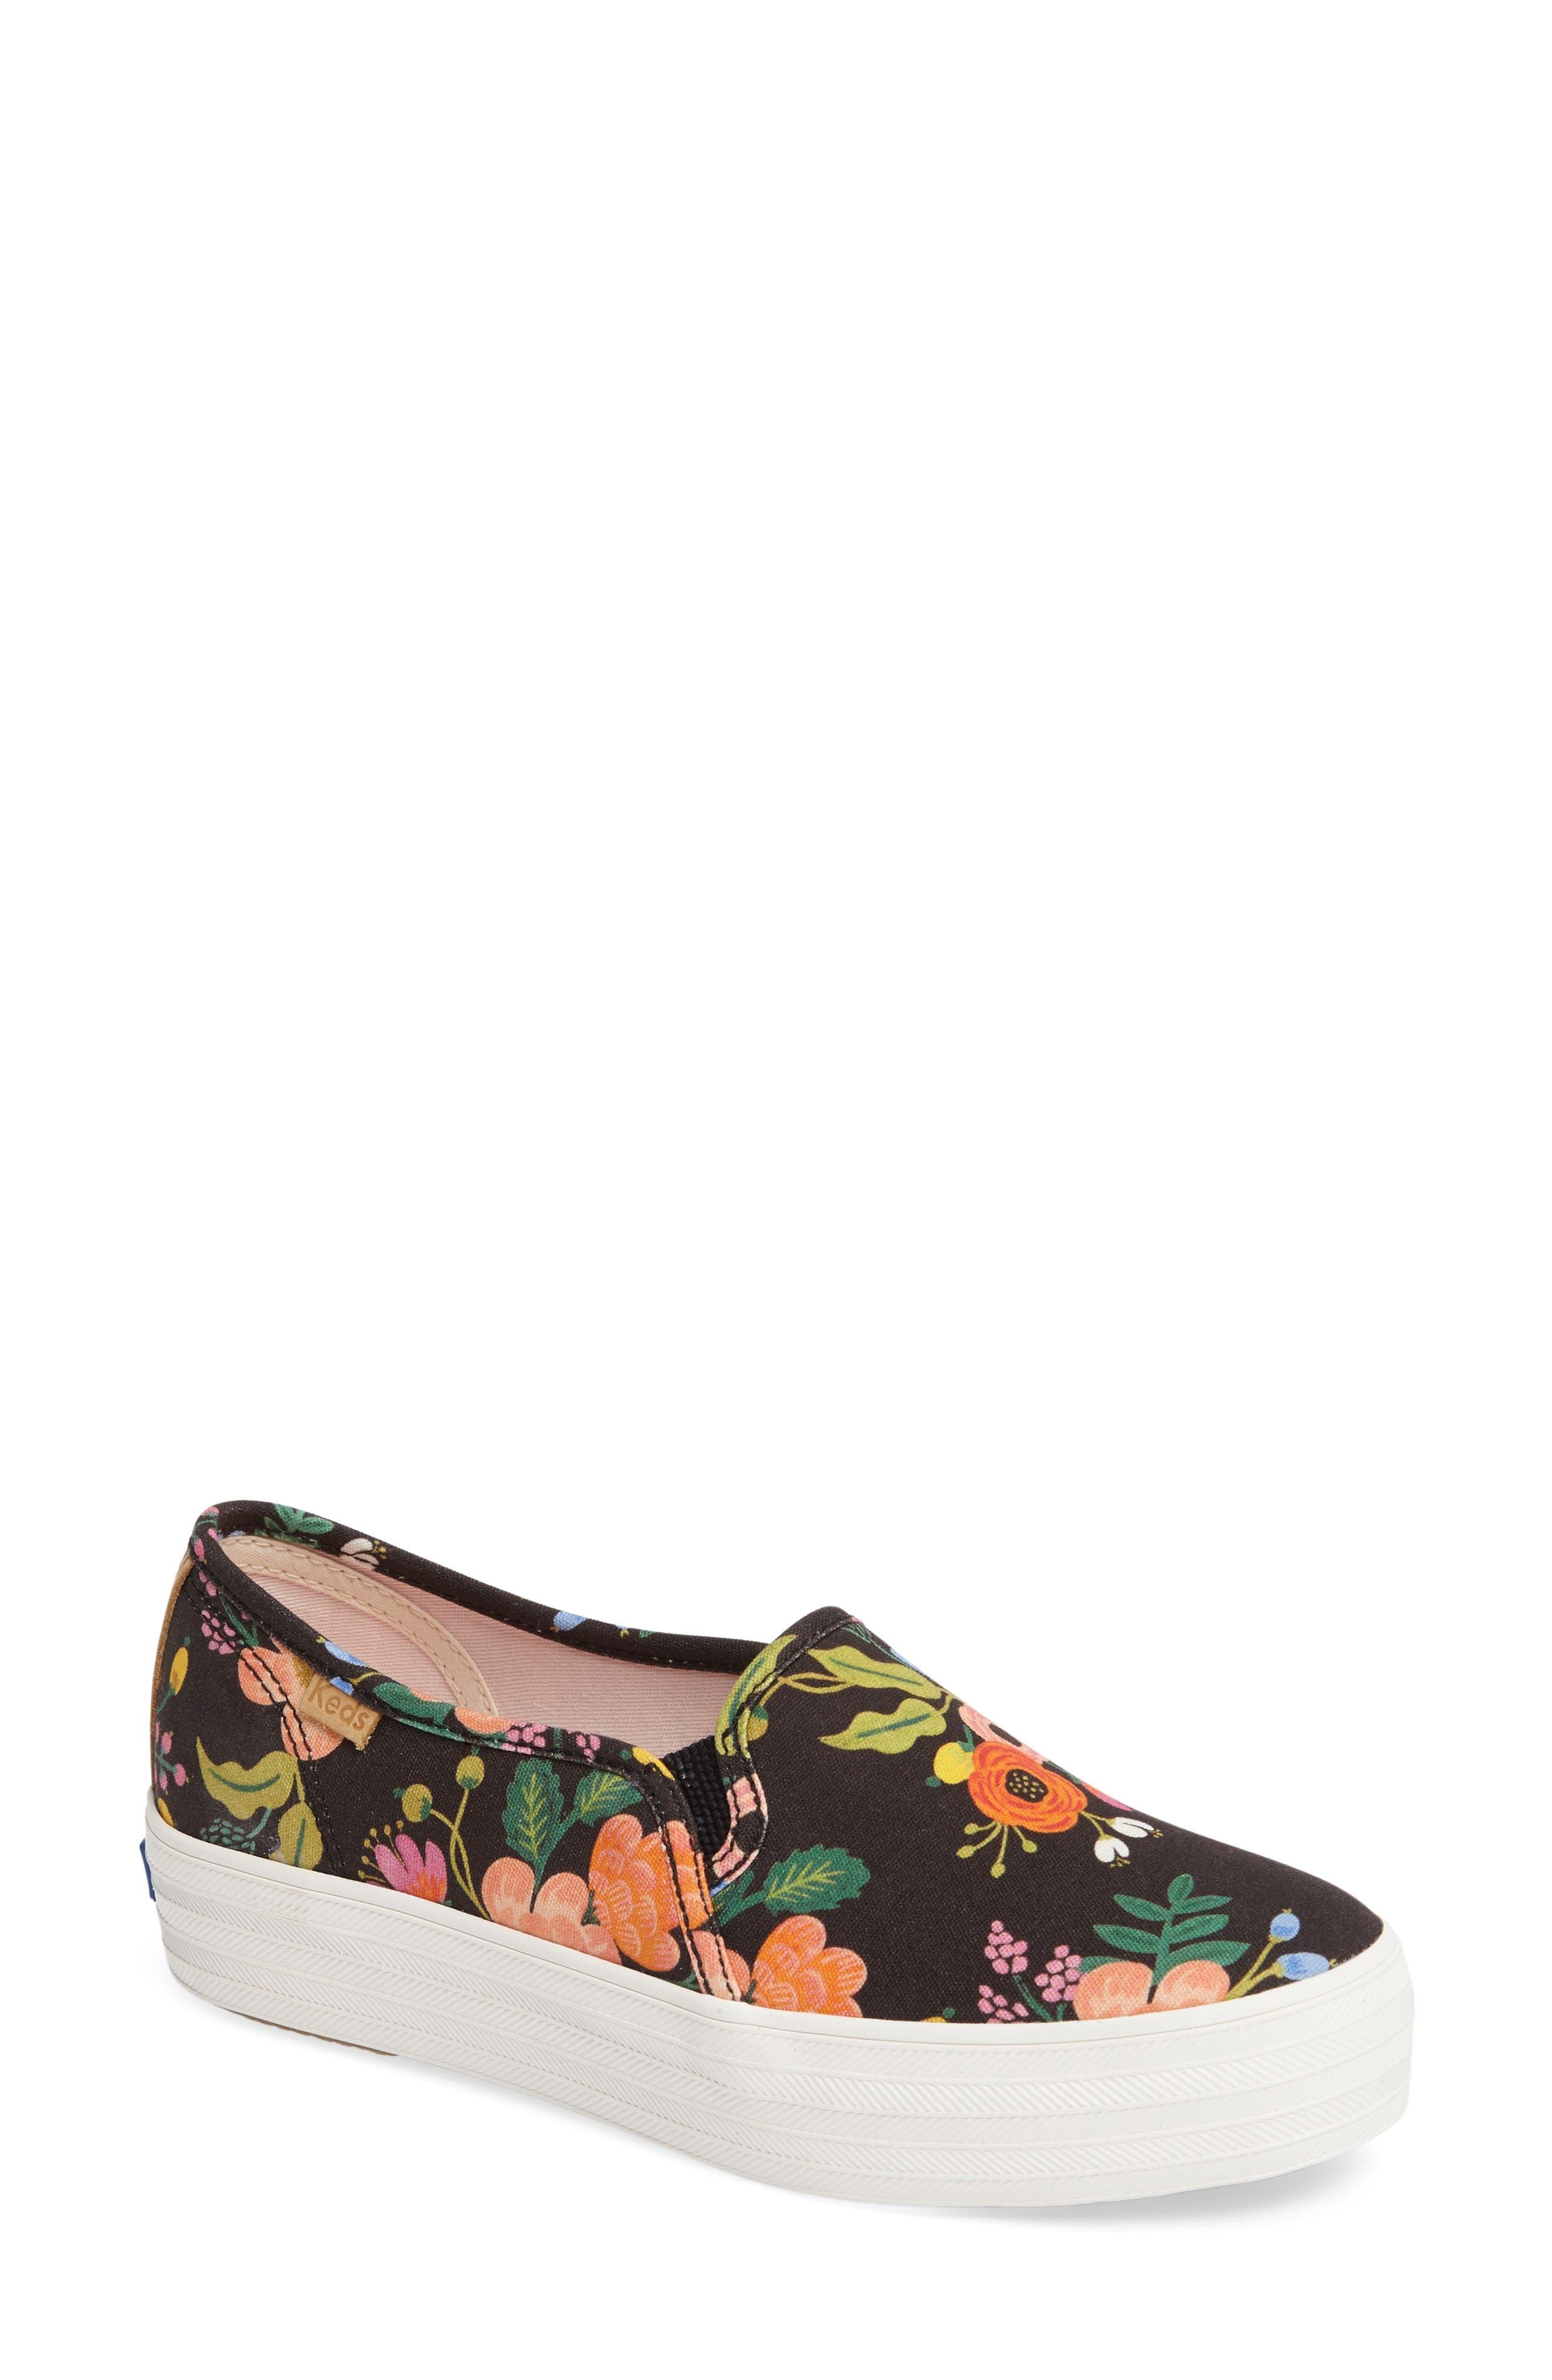 Alternate Image 1 Selected - Keds® Triple Decker Slip-On Platform Sneaker (Women)